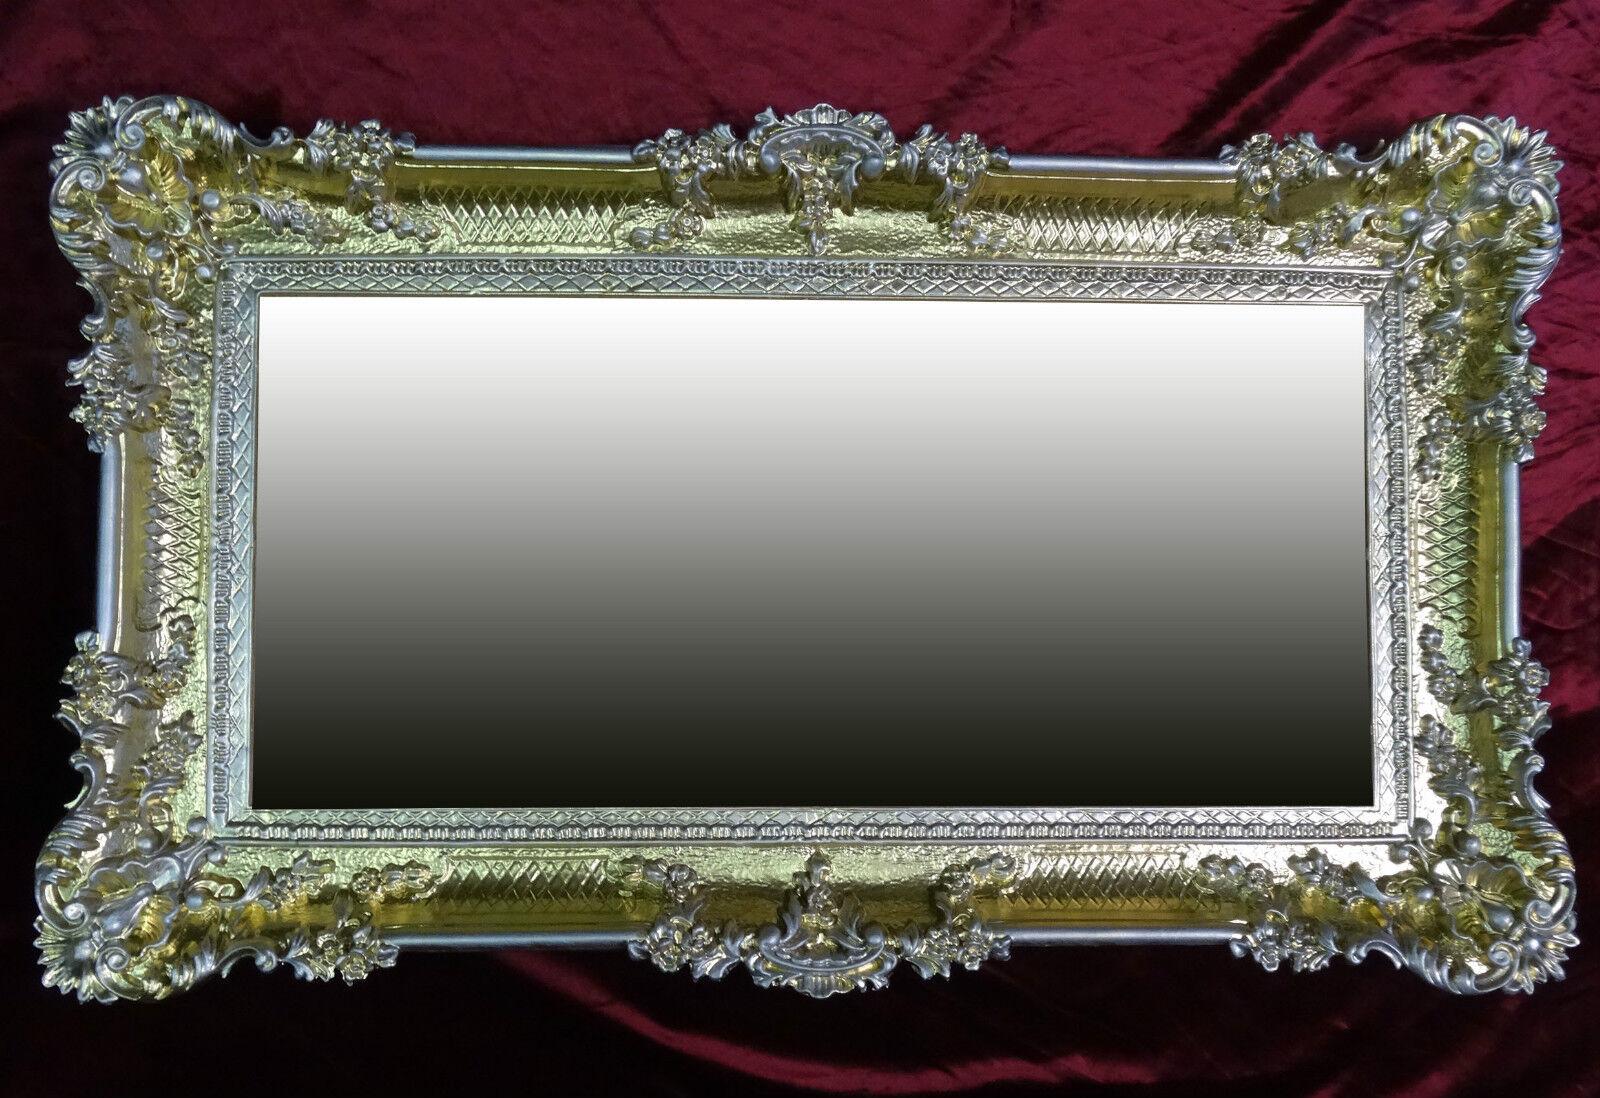 xxl wandspiegel rechteckig gold silber barock wanddeko. Black Bedroom Furniture Sets. Home Design Ideas